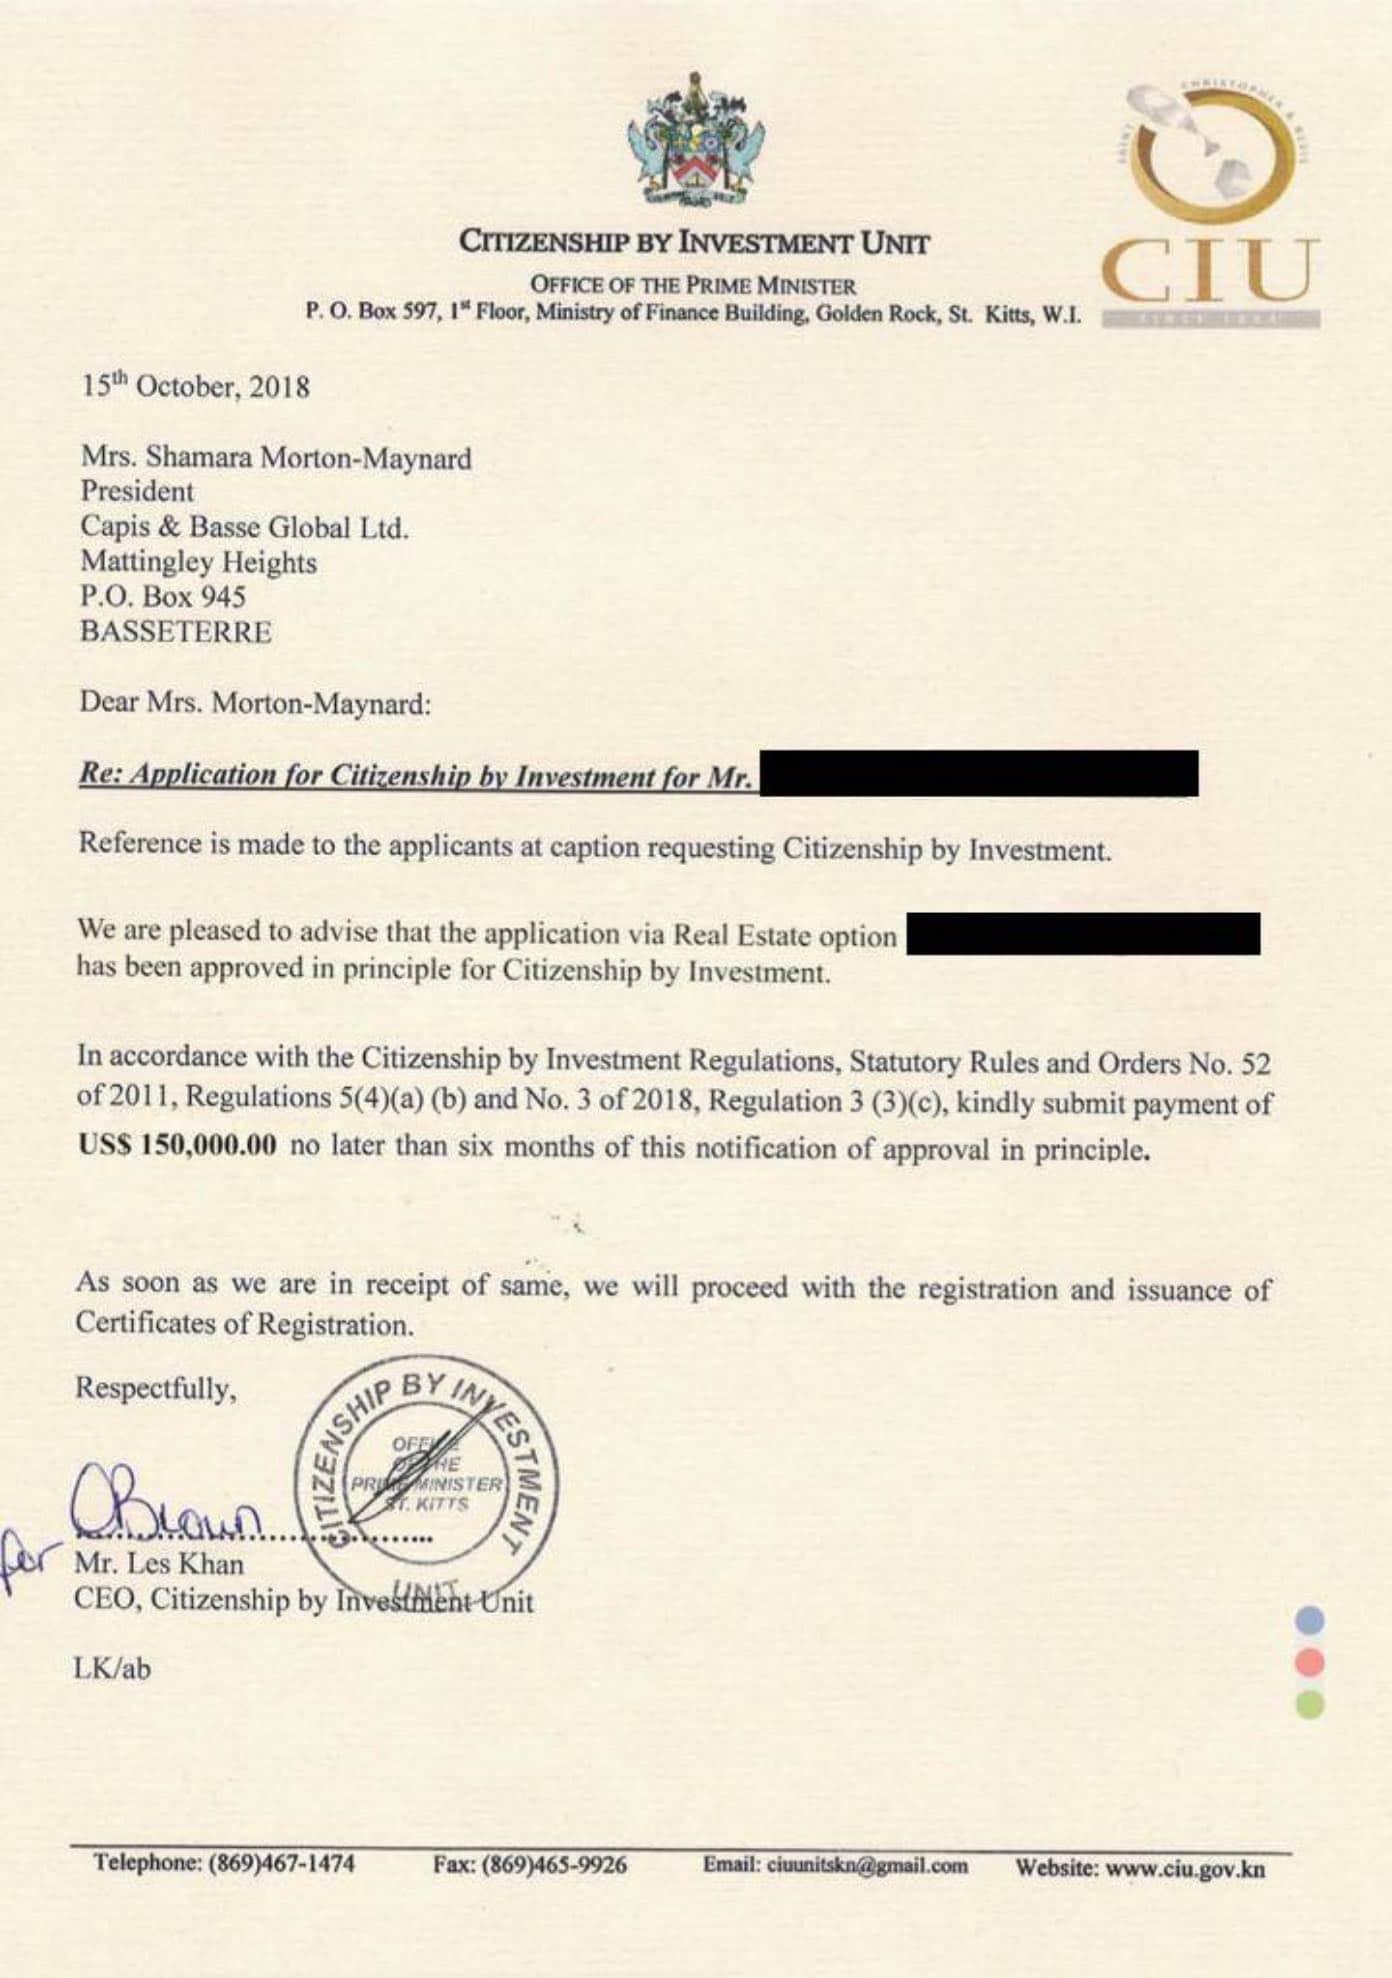 Сент-Китс и Невис гражданство